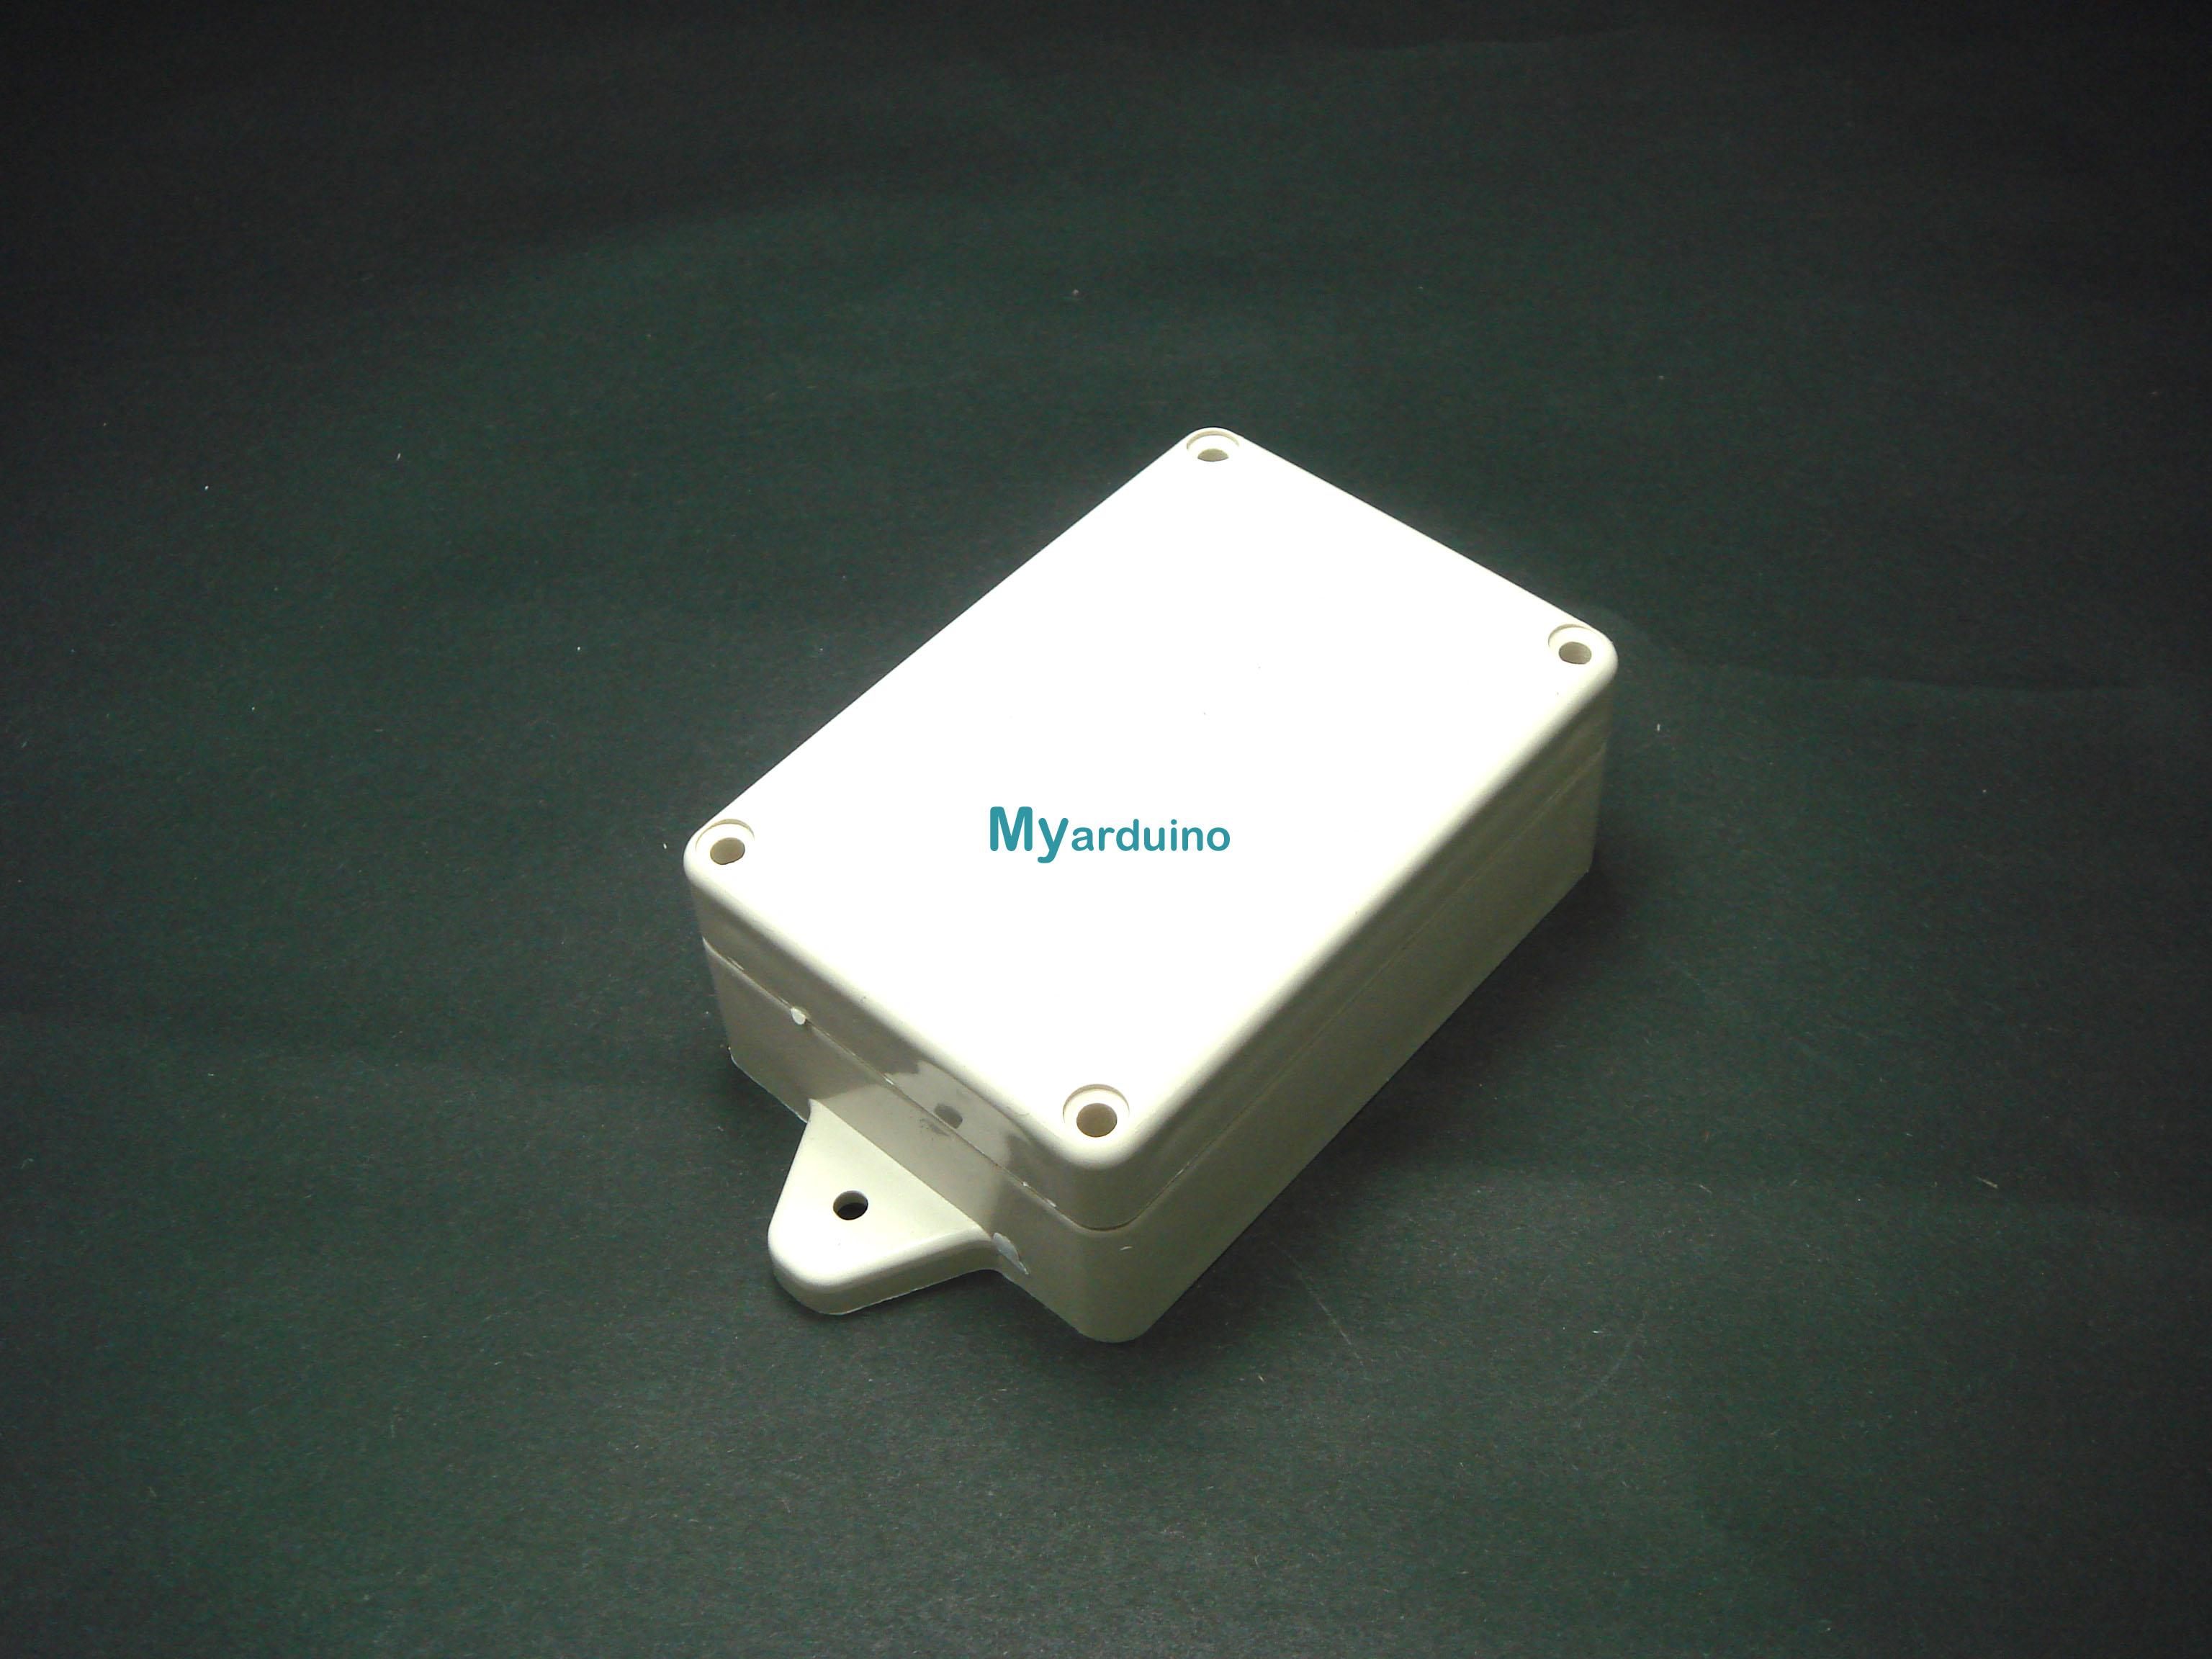 กล่องอิเล็กทรอนิกส์ อเนกประสงค์ กันน้ำ สีเทา 85*58*33mm